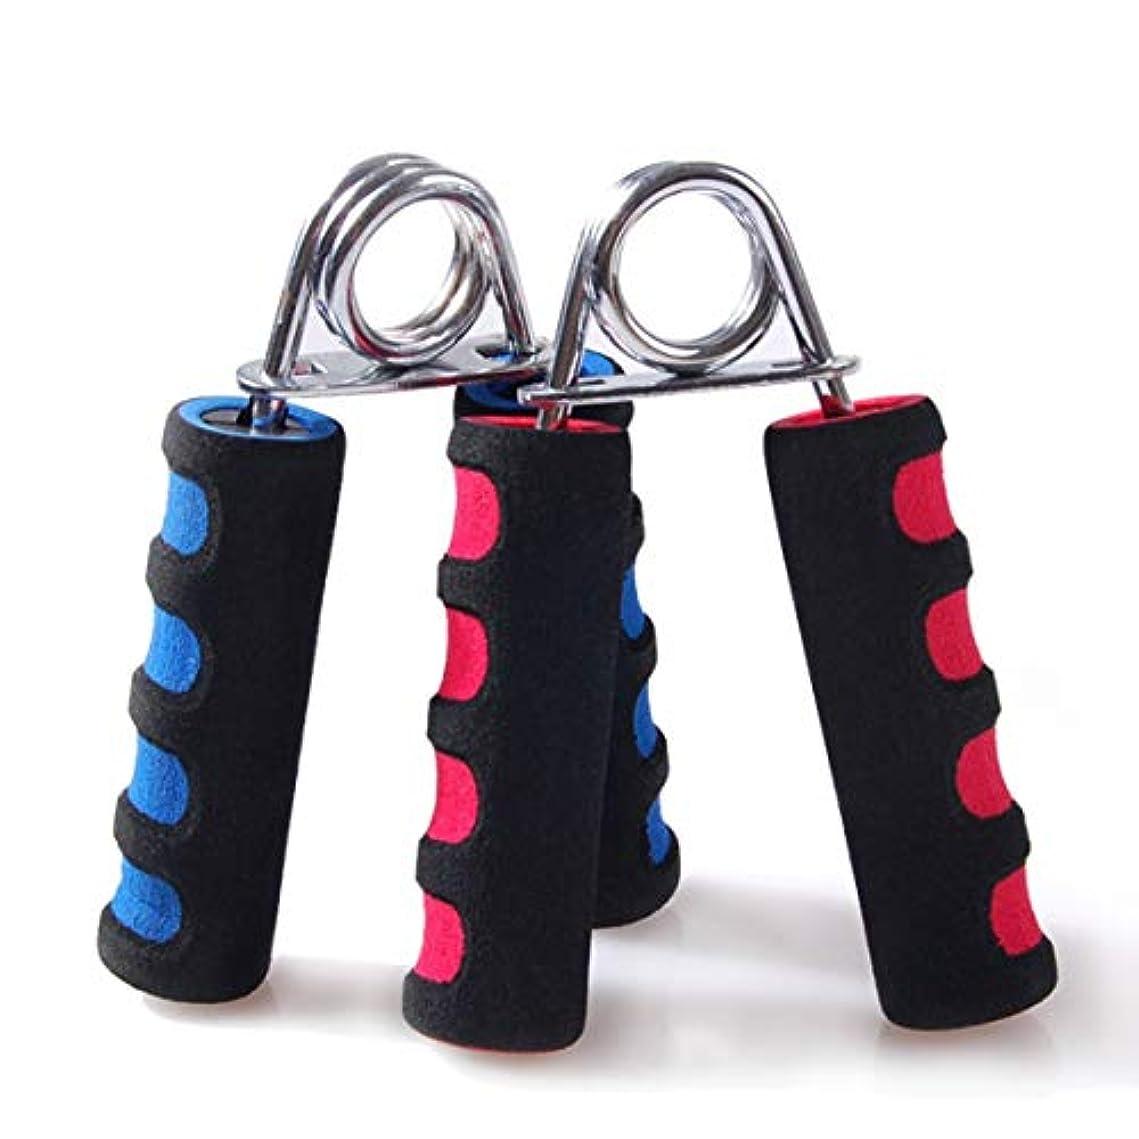 評判神経障害脚ハンドグリッパーアーム手首エクササイザフィットネスグリップジムと毎日の運動のためのヘビーストレングストレーナー - カラーランダム